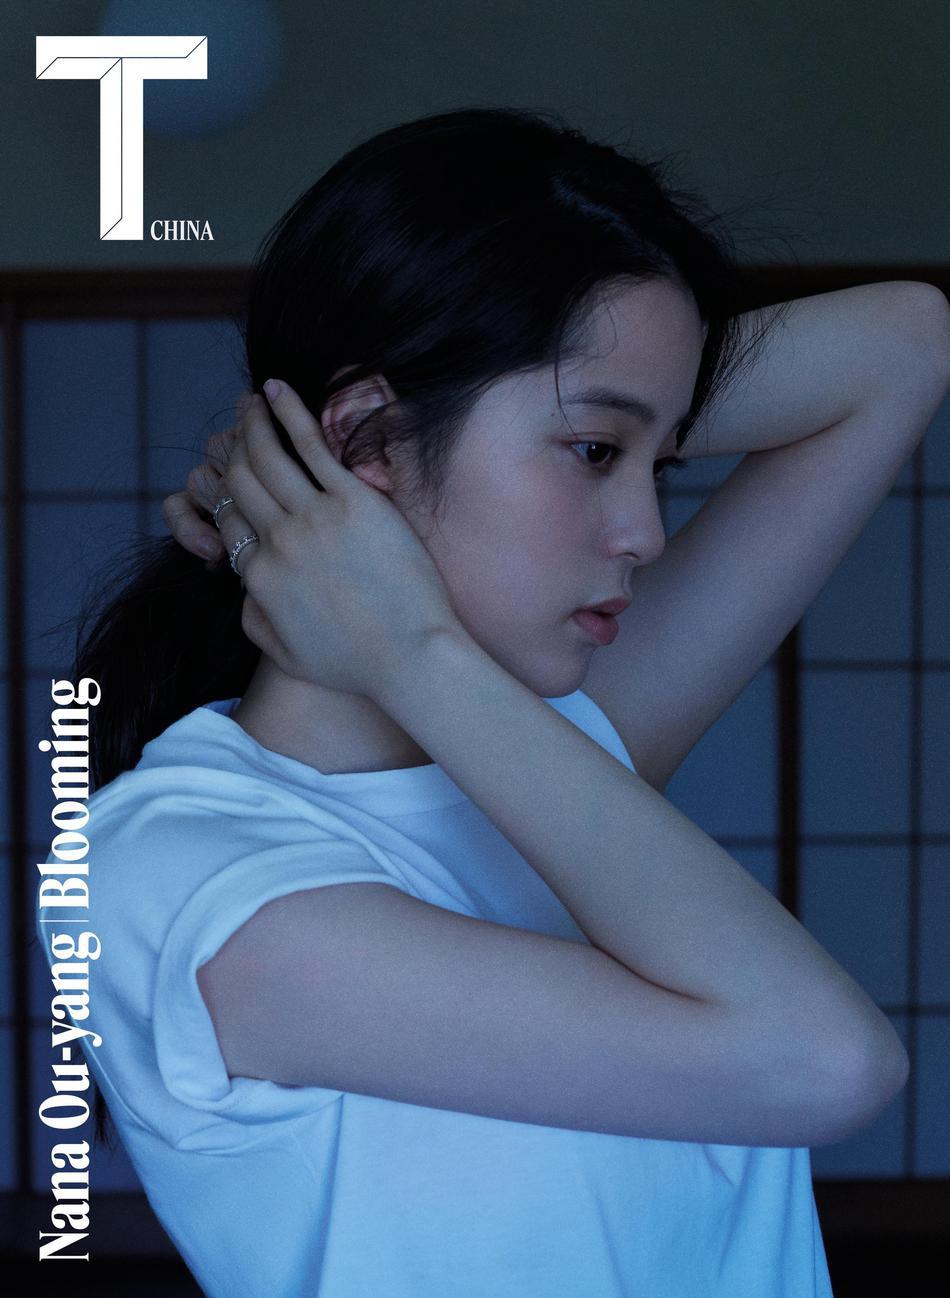 欧阳娜娜杂志封面曝光 街头背大年夜提琴变文艺少女